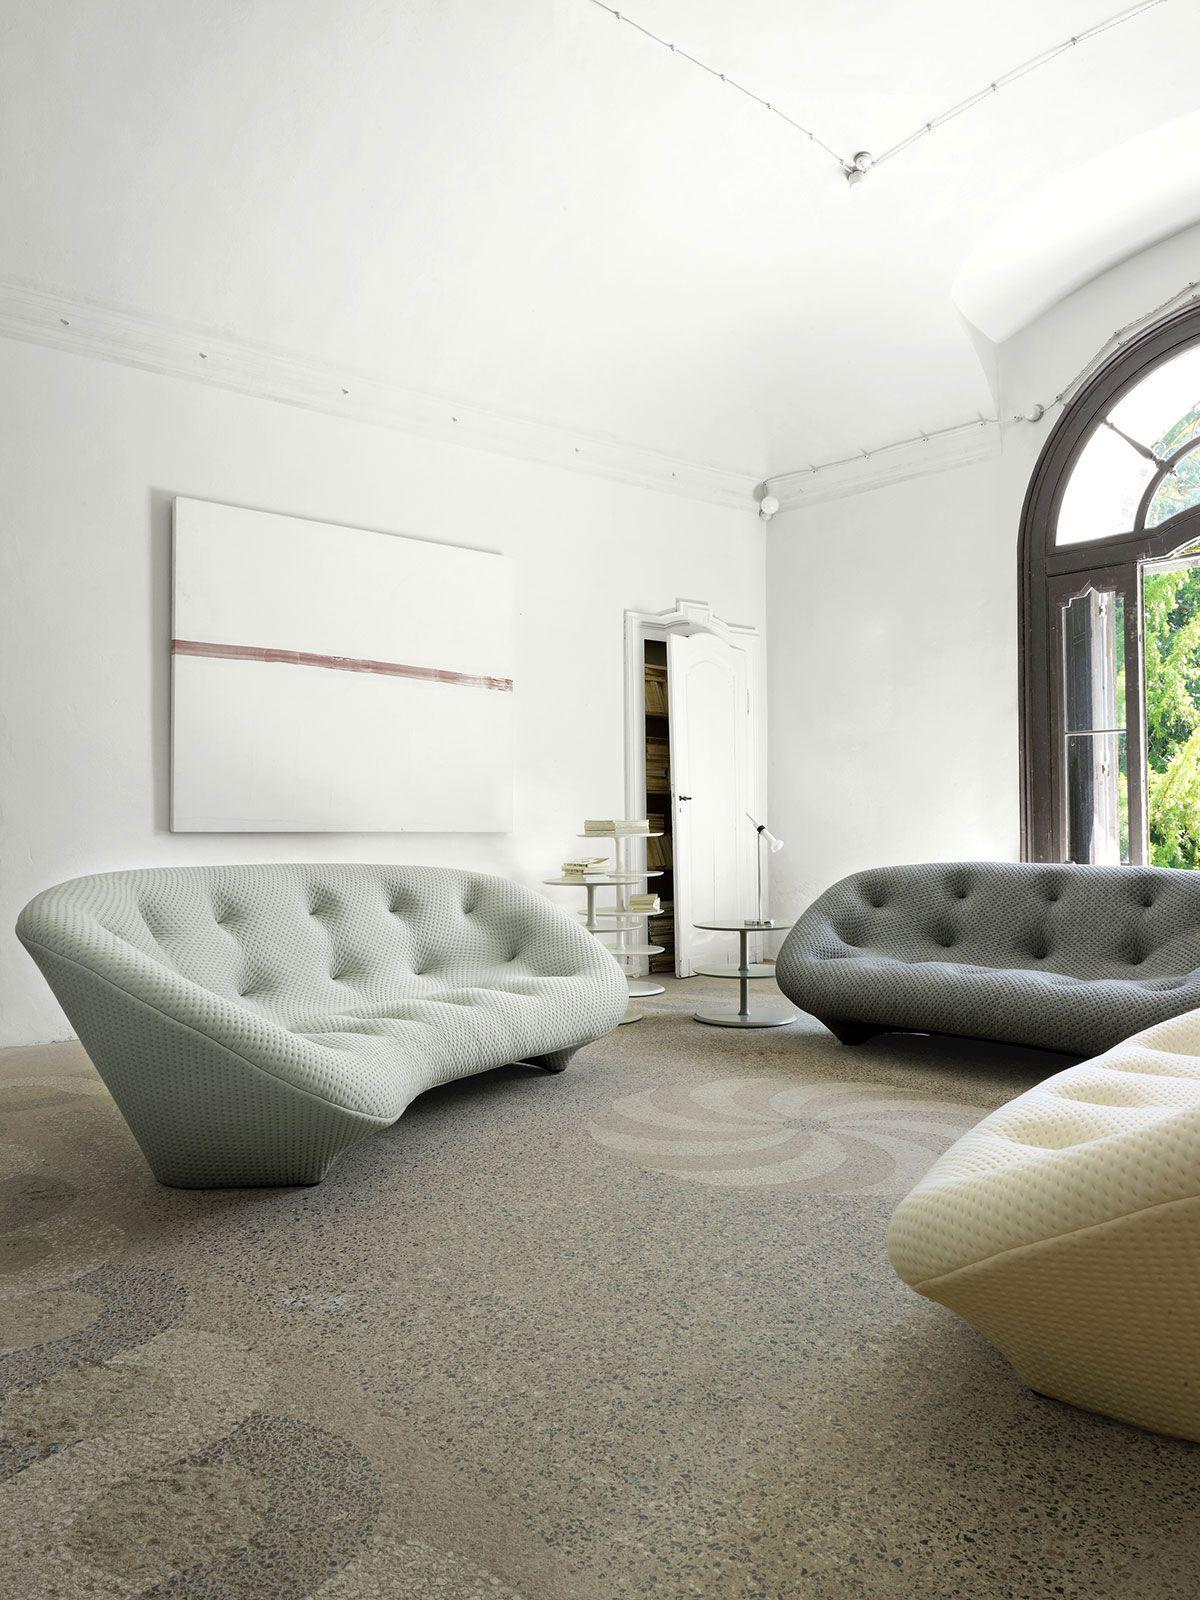 ploum sofa set designed by r e bouroullec for ligne roset rh pinterest com